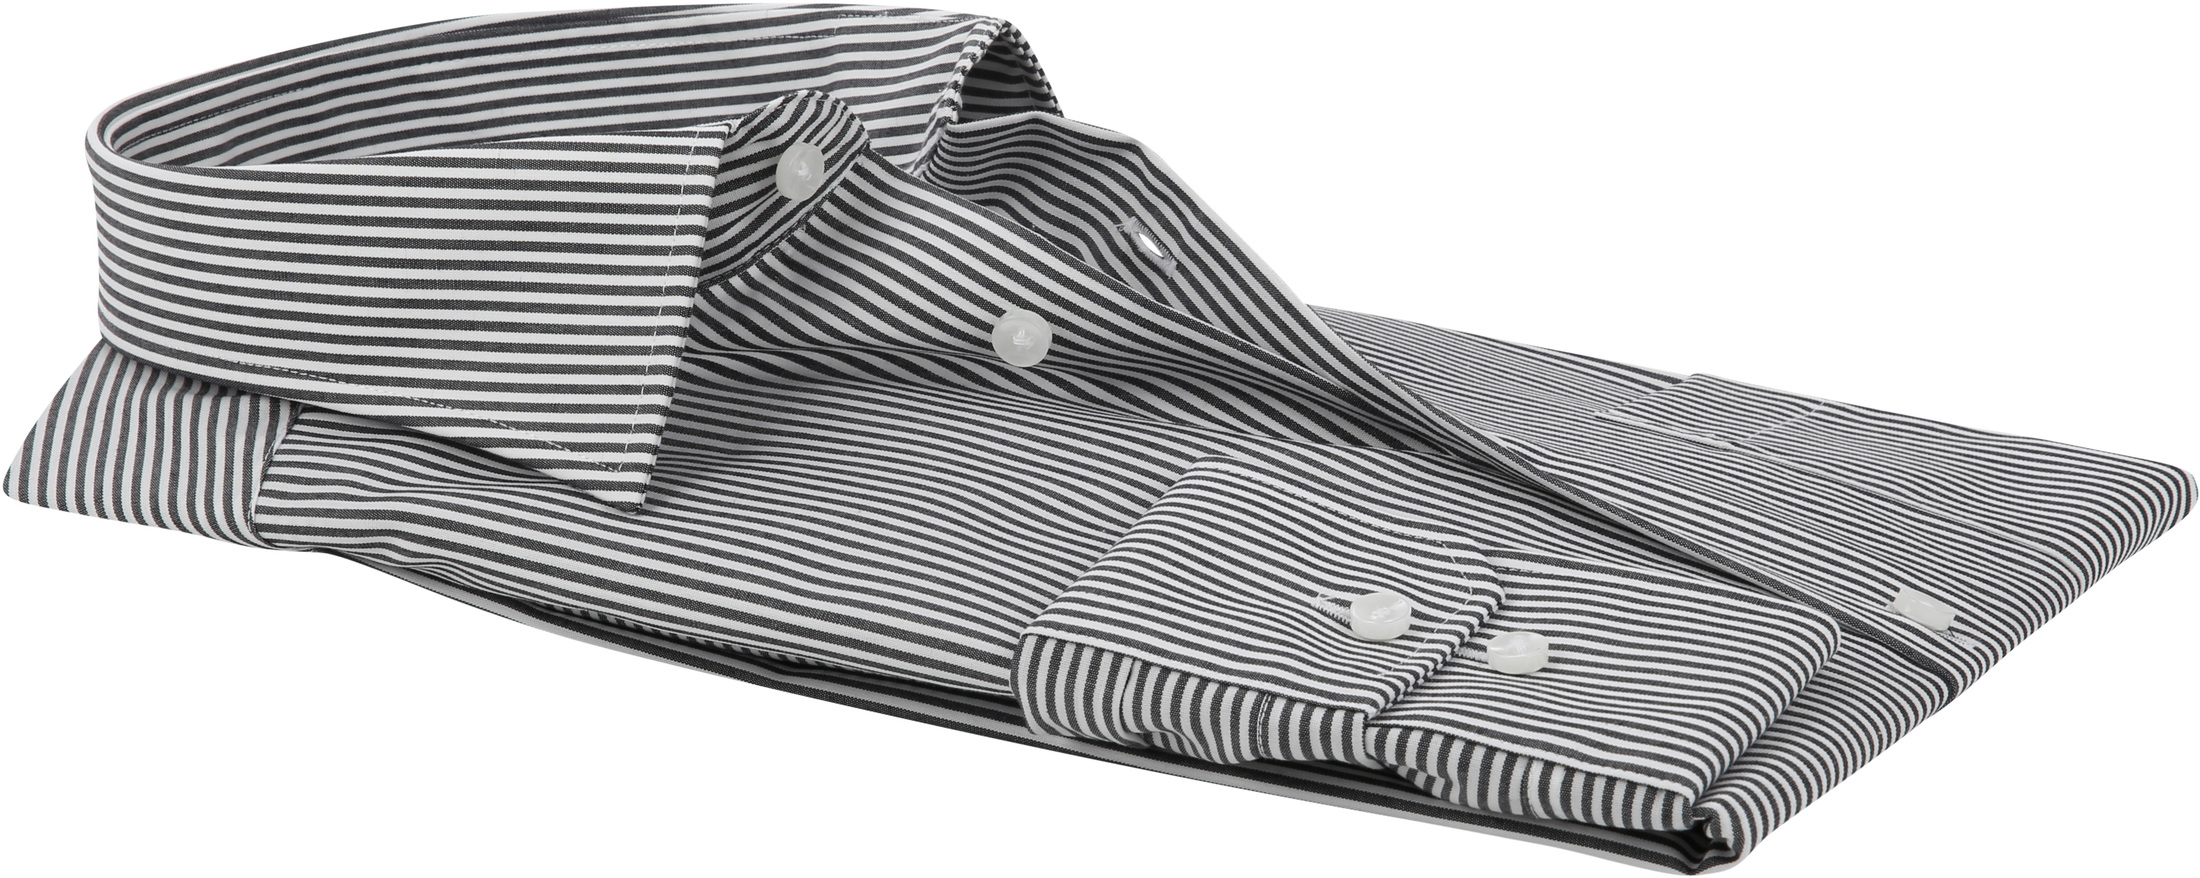 Seidensticker Hemd Bügelfrei Modern Schwarz Weiß Streifen foto 3